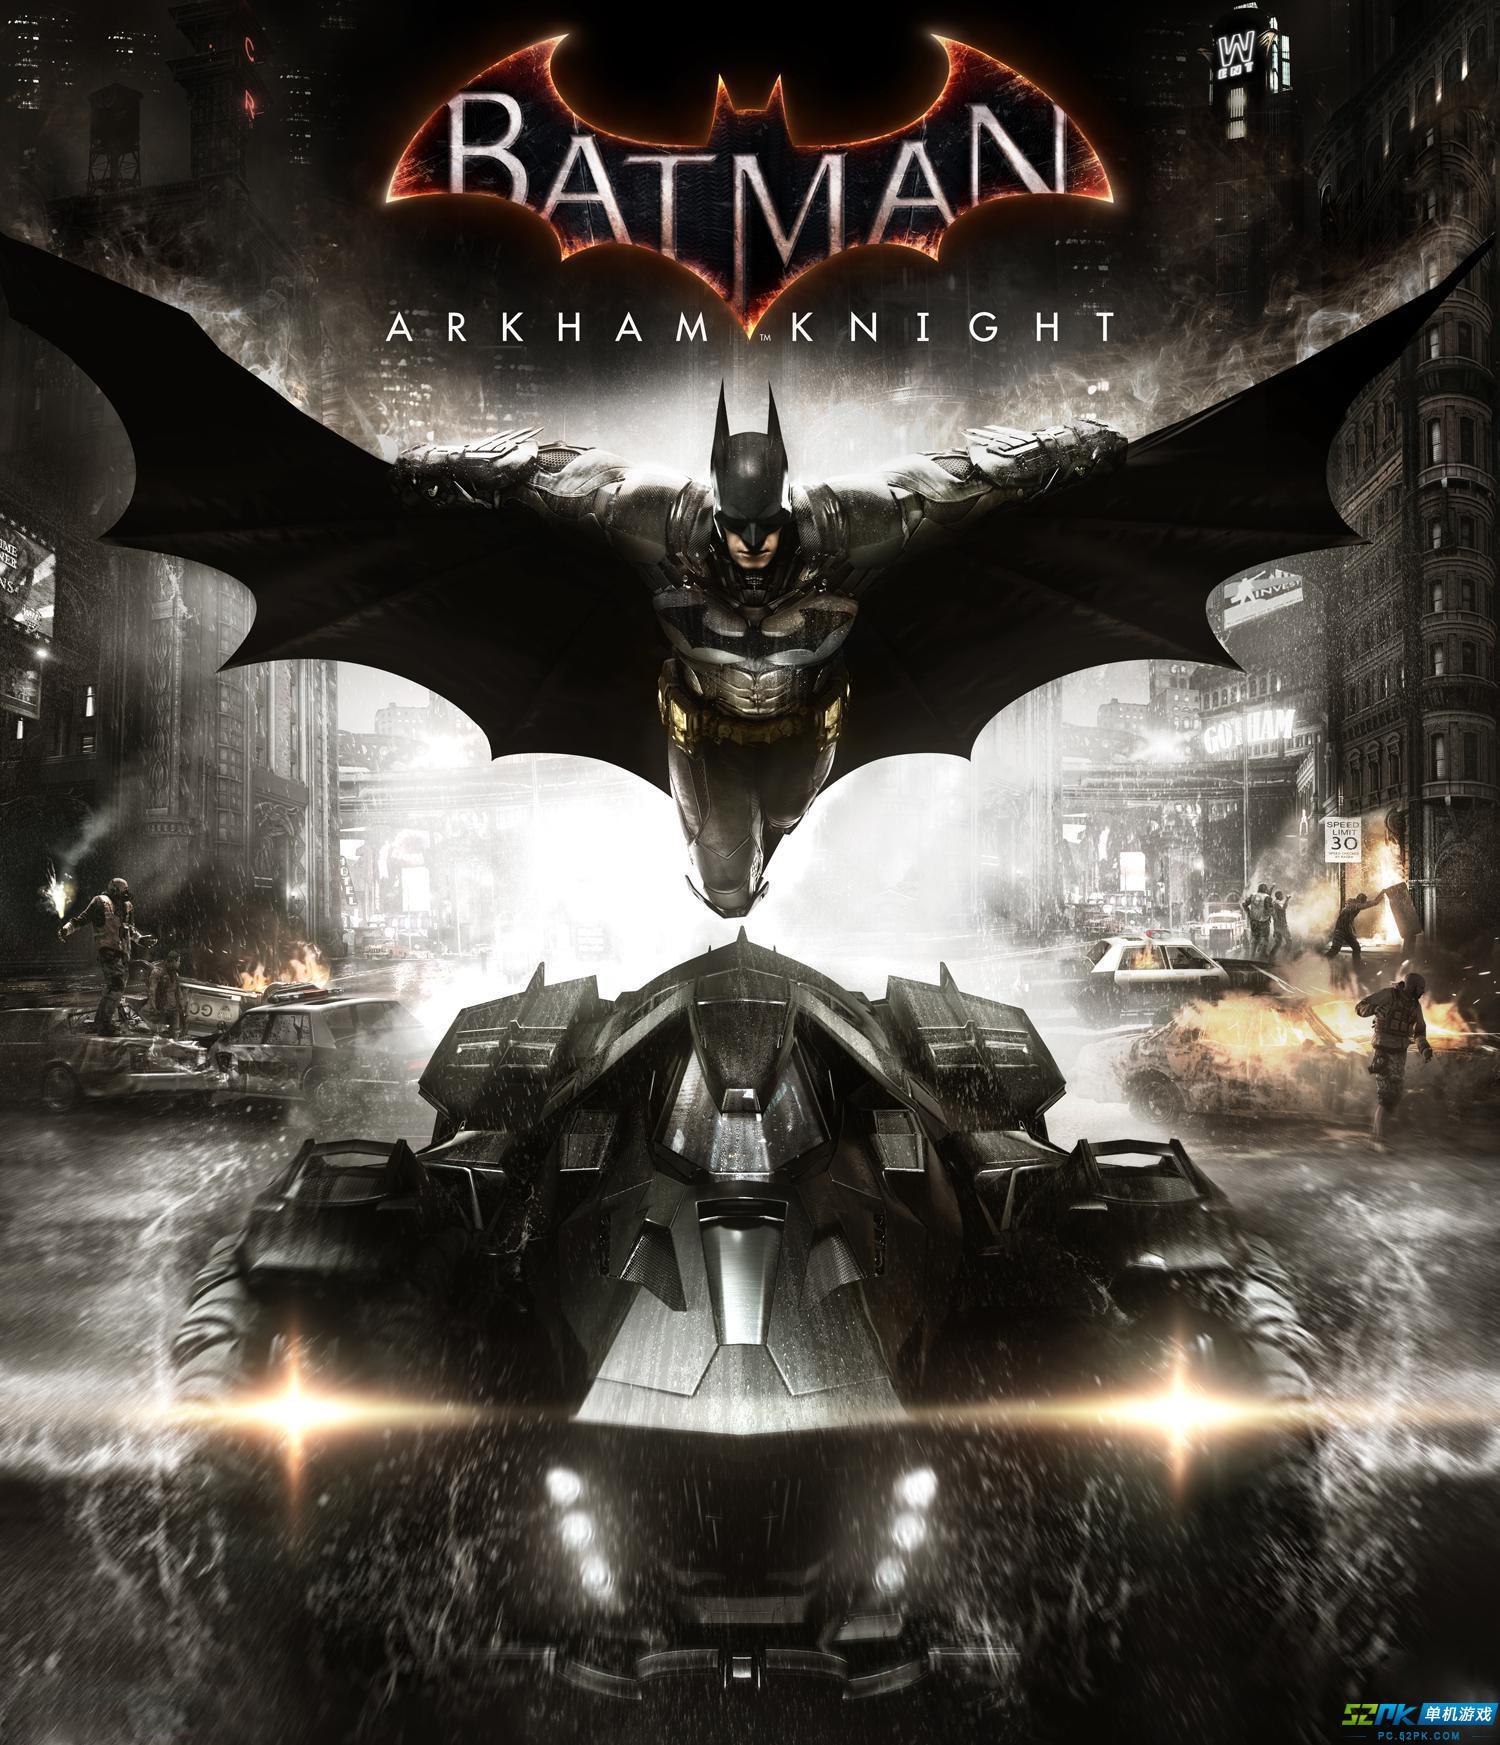 蝙蝠侠阿甘骑士简单评测 战斗系统全新升级